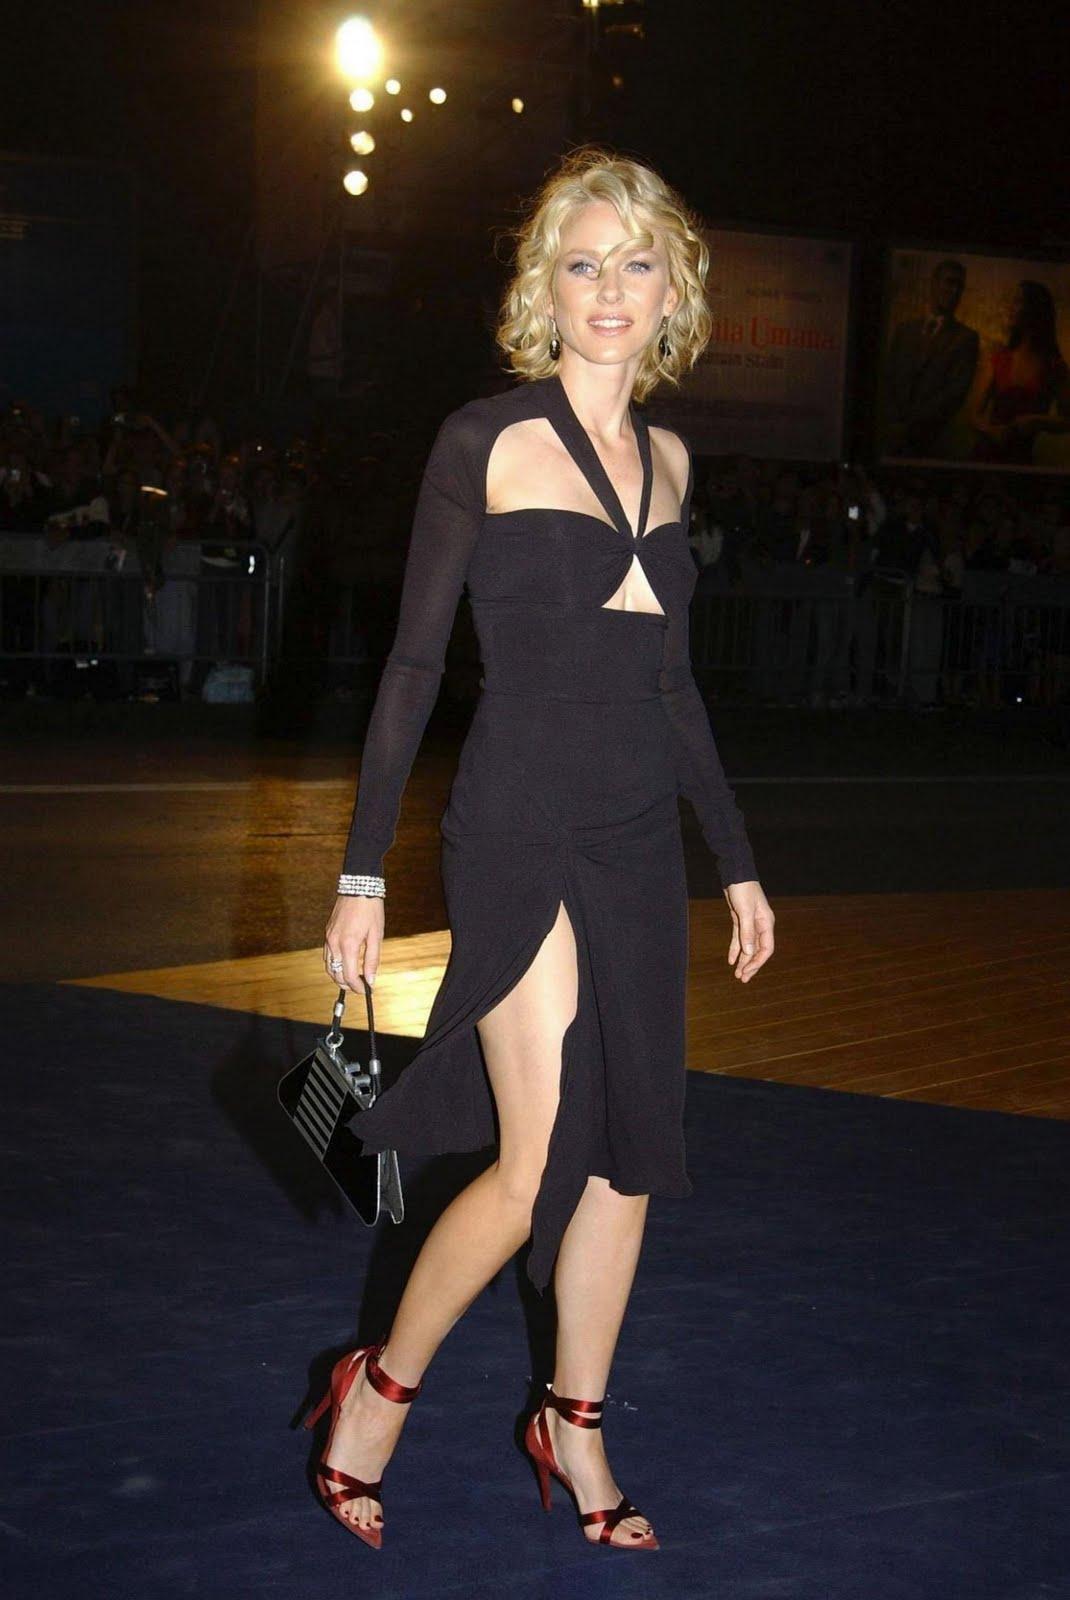 http://2.bp.blogspot.com/-yqda2ngawXE/TcuC2kpxWJI/AAAAAAAAEEw/4zuyBBvPtSE/s1600/Naomi-Watts-Feet-285998.jpg